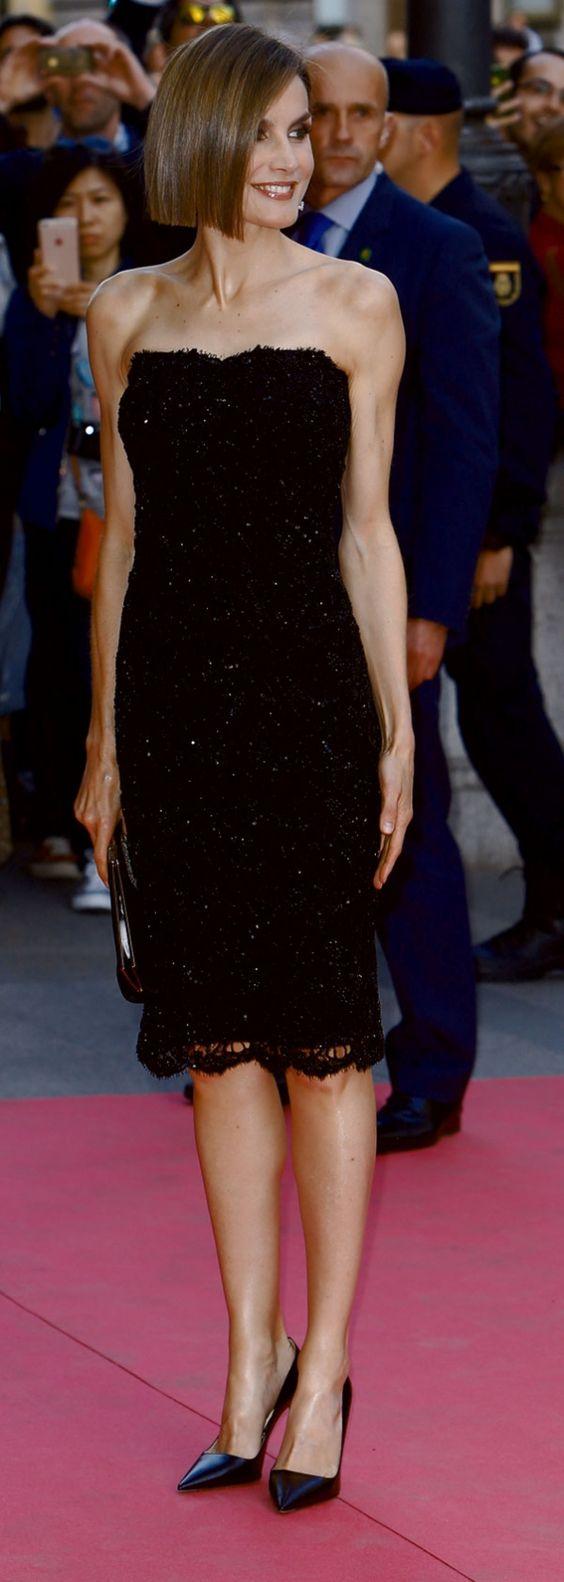 La reina Letizia sorprendió a su llegada a los premios Woman luciendo un corte bob, muy de moda esta temporada.